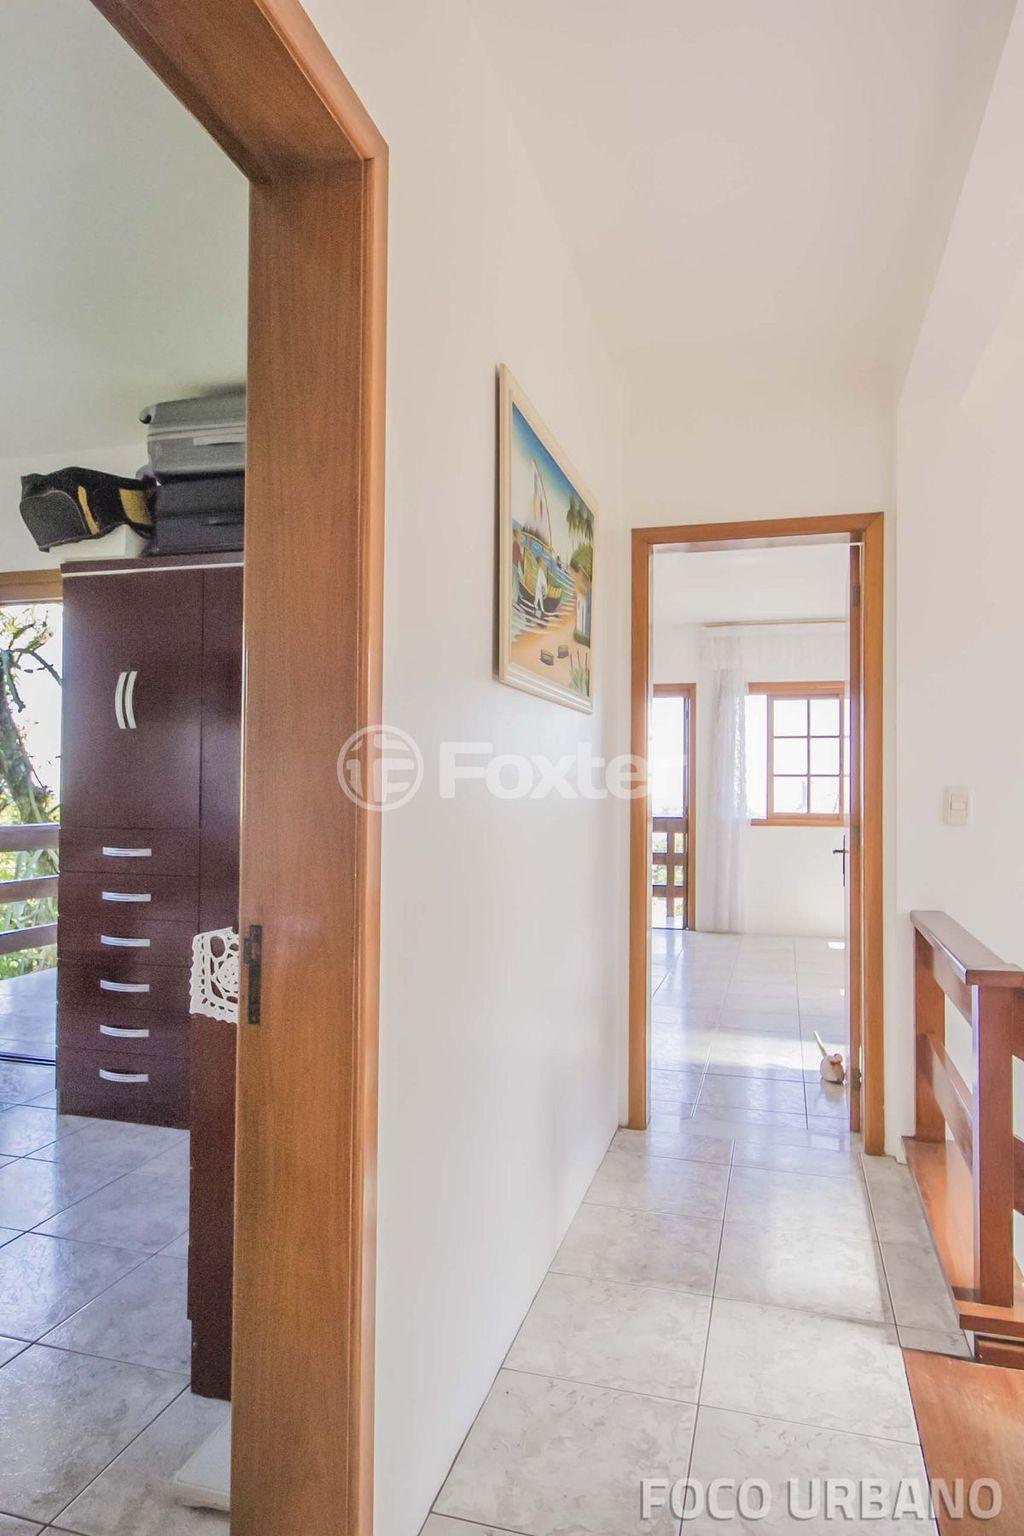 Foxter Imobiliária - Casa 3 Dorm, Tristeza - Foto 33